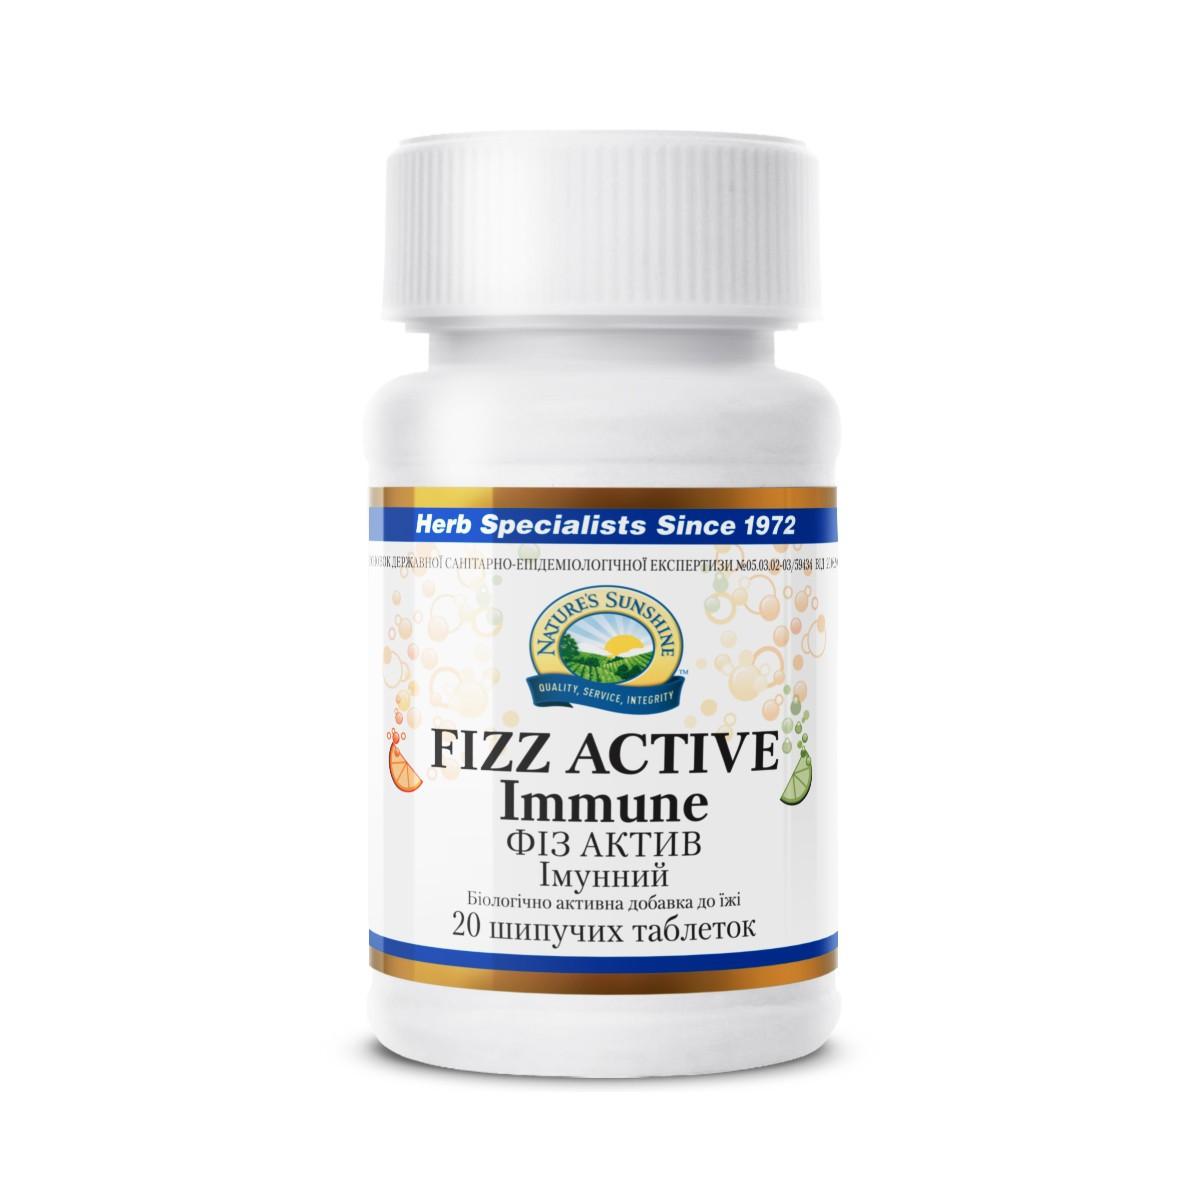 Физ Актив Имунный. Fizz Active Immune